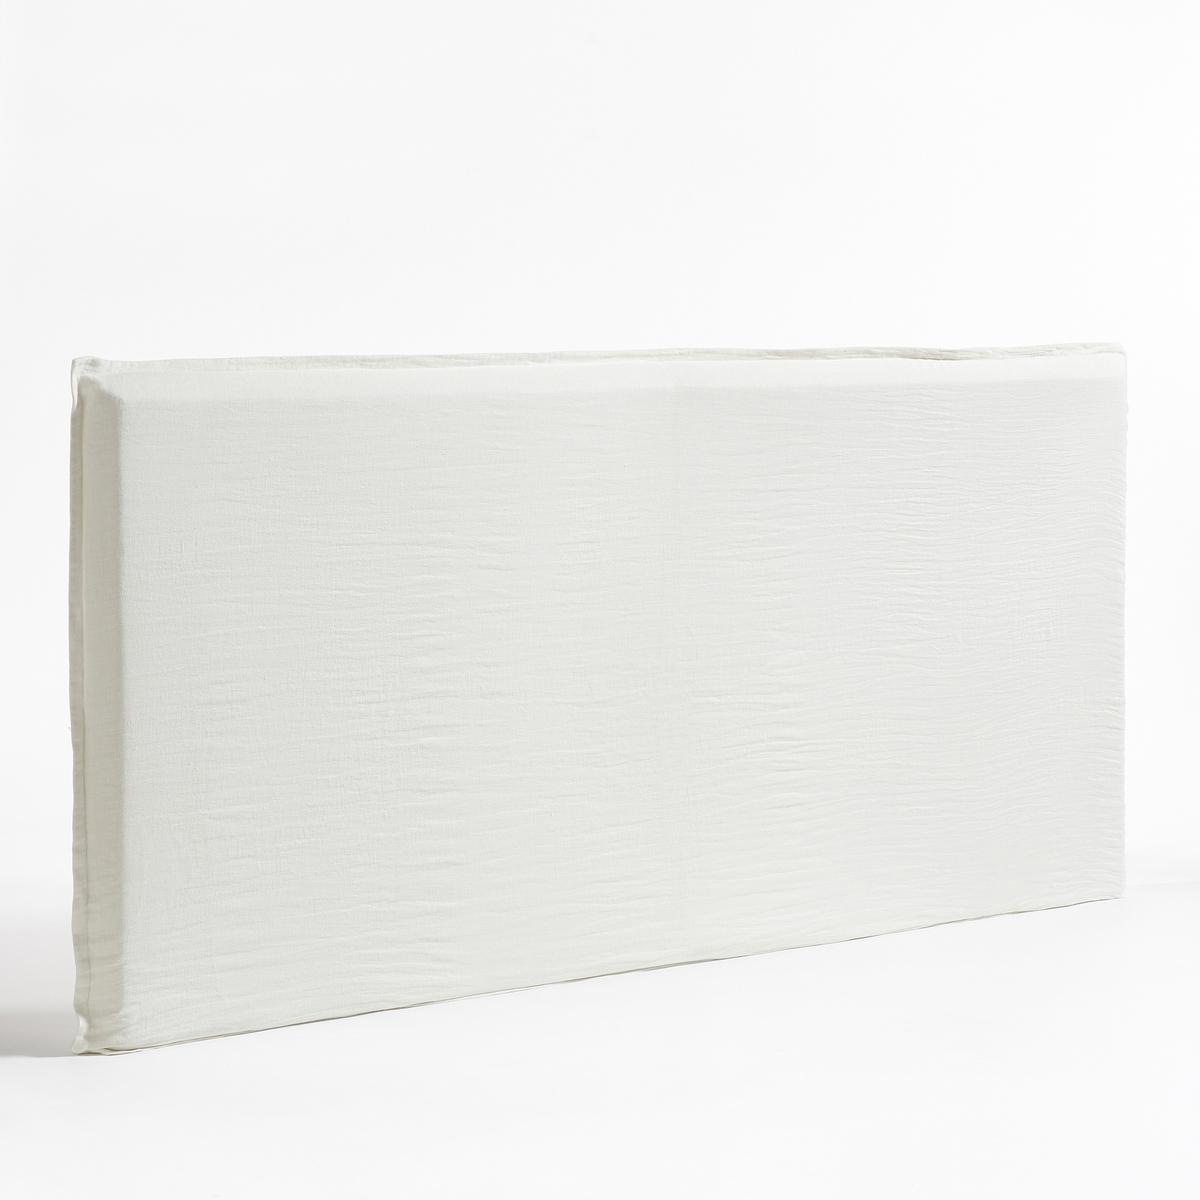 Чехол La Redoute Из стиранного льна для изголовья кровати XL Sandor единый размер белый